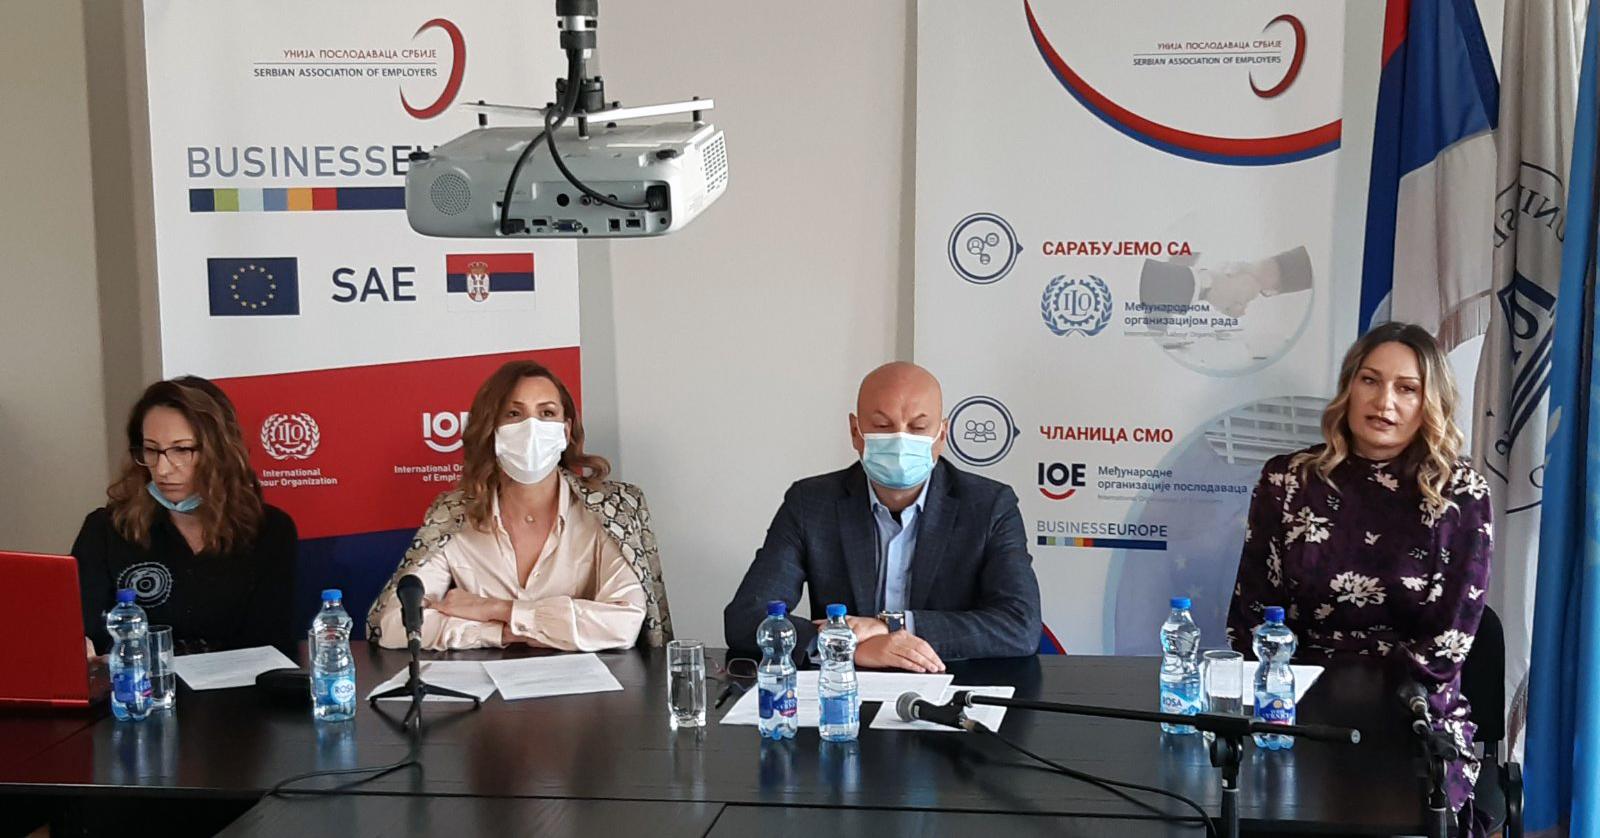 Unija poslodavaca Srbije - konferencija za medije 24.03.2021.